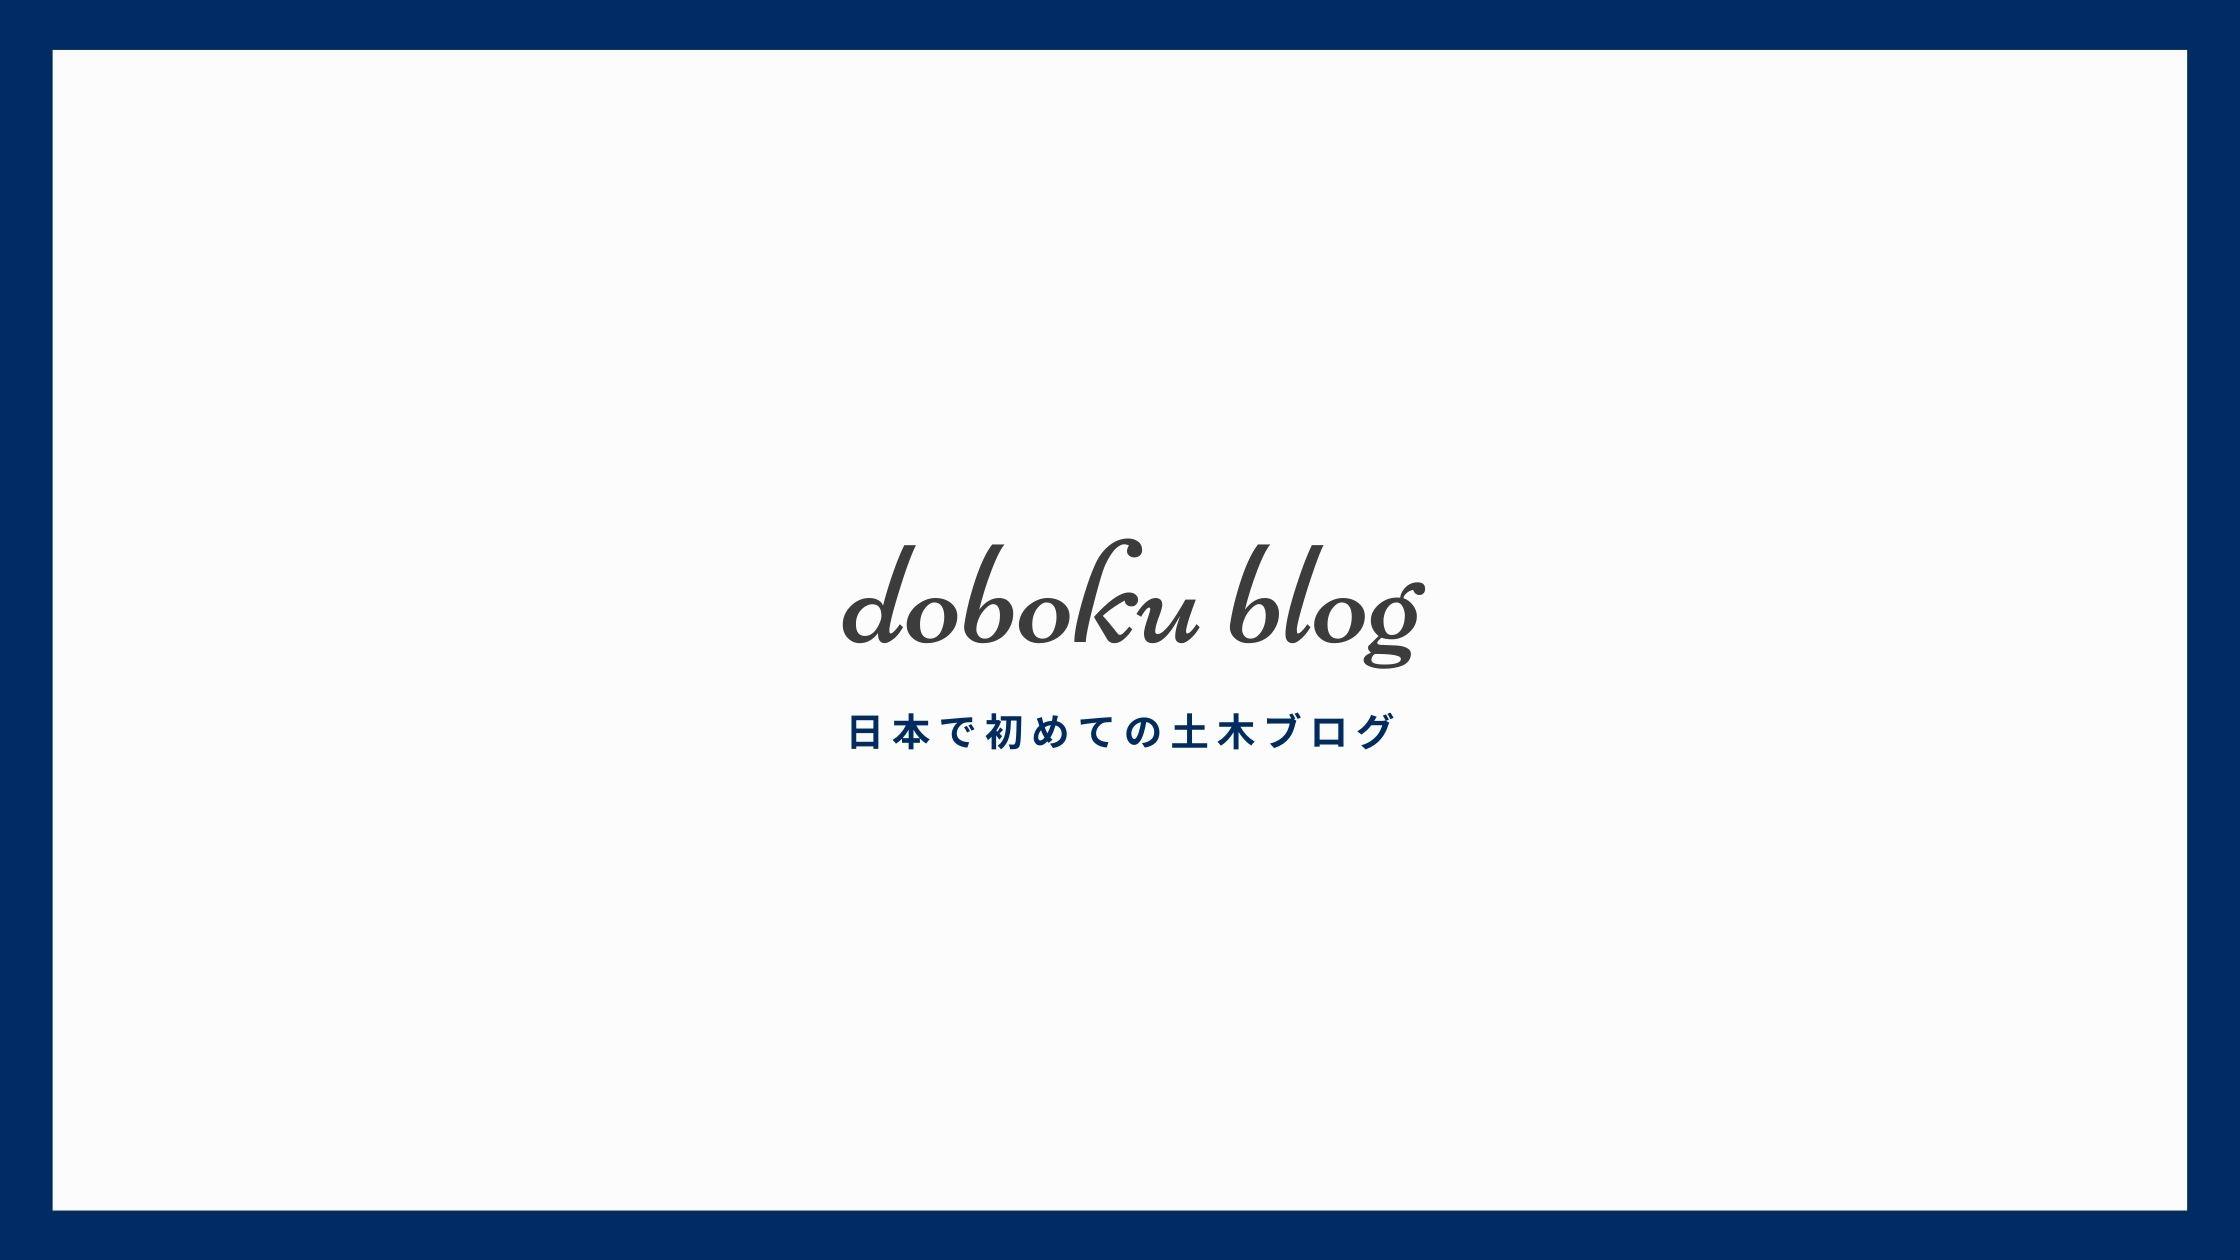 知識0の土木技術者が自分でブログを作って収入を得るまでの自己紹介